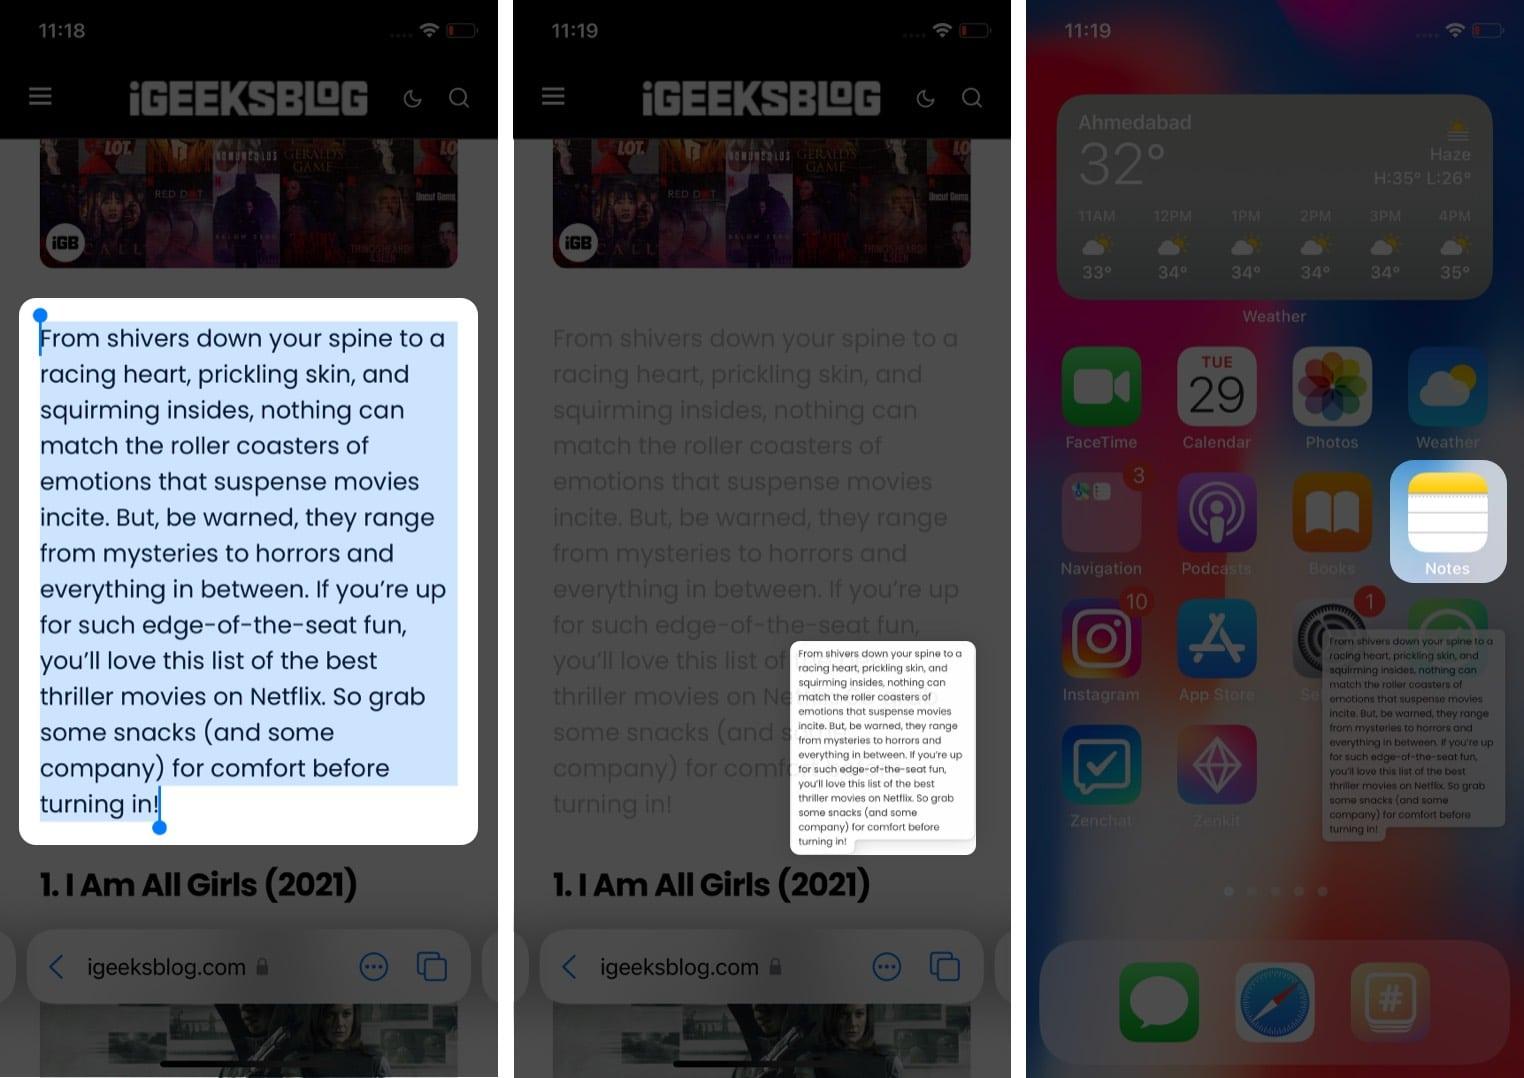 Перемещение элементов с помощью перетаскивания на iPhone